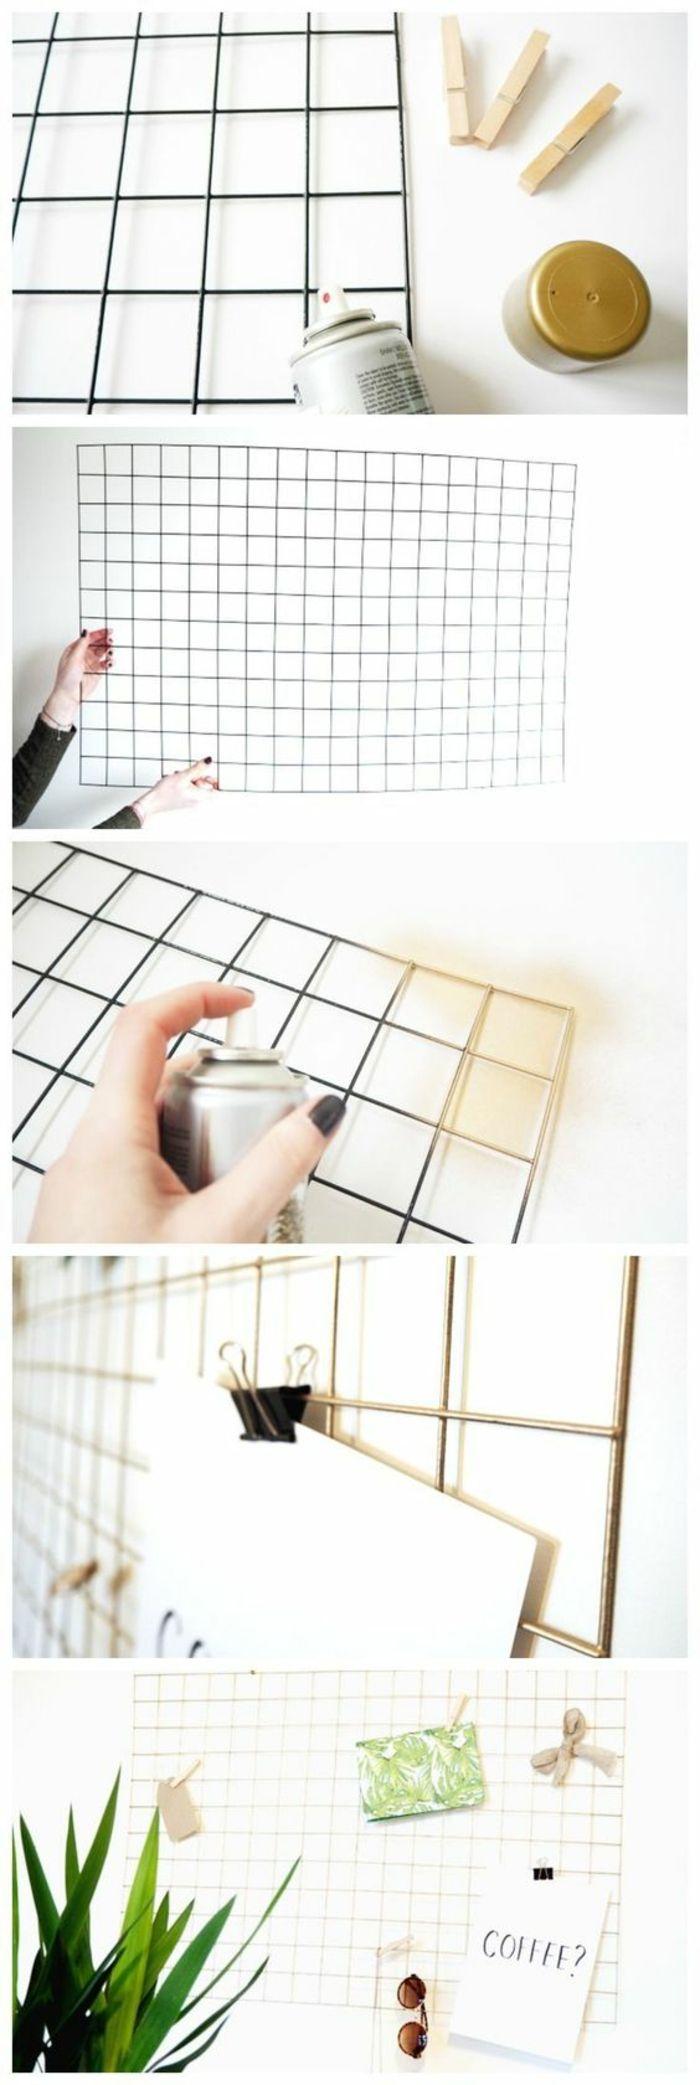 1001 ideen wie sie eine pinnwand selber machen basteln pinterest memoboard selber machen. Black Bedroom Furniture Sets. Home Design Ideas